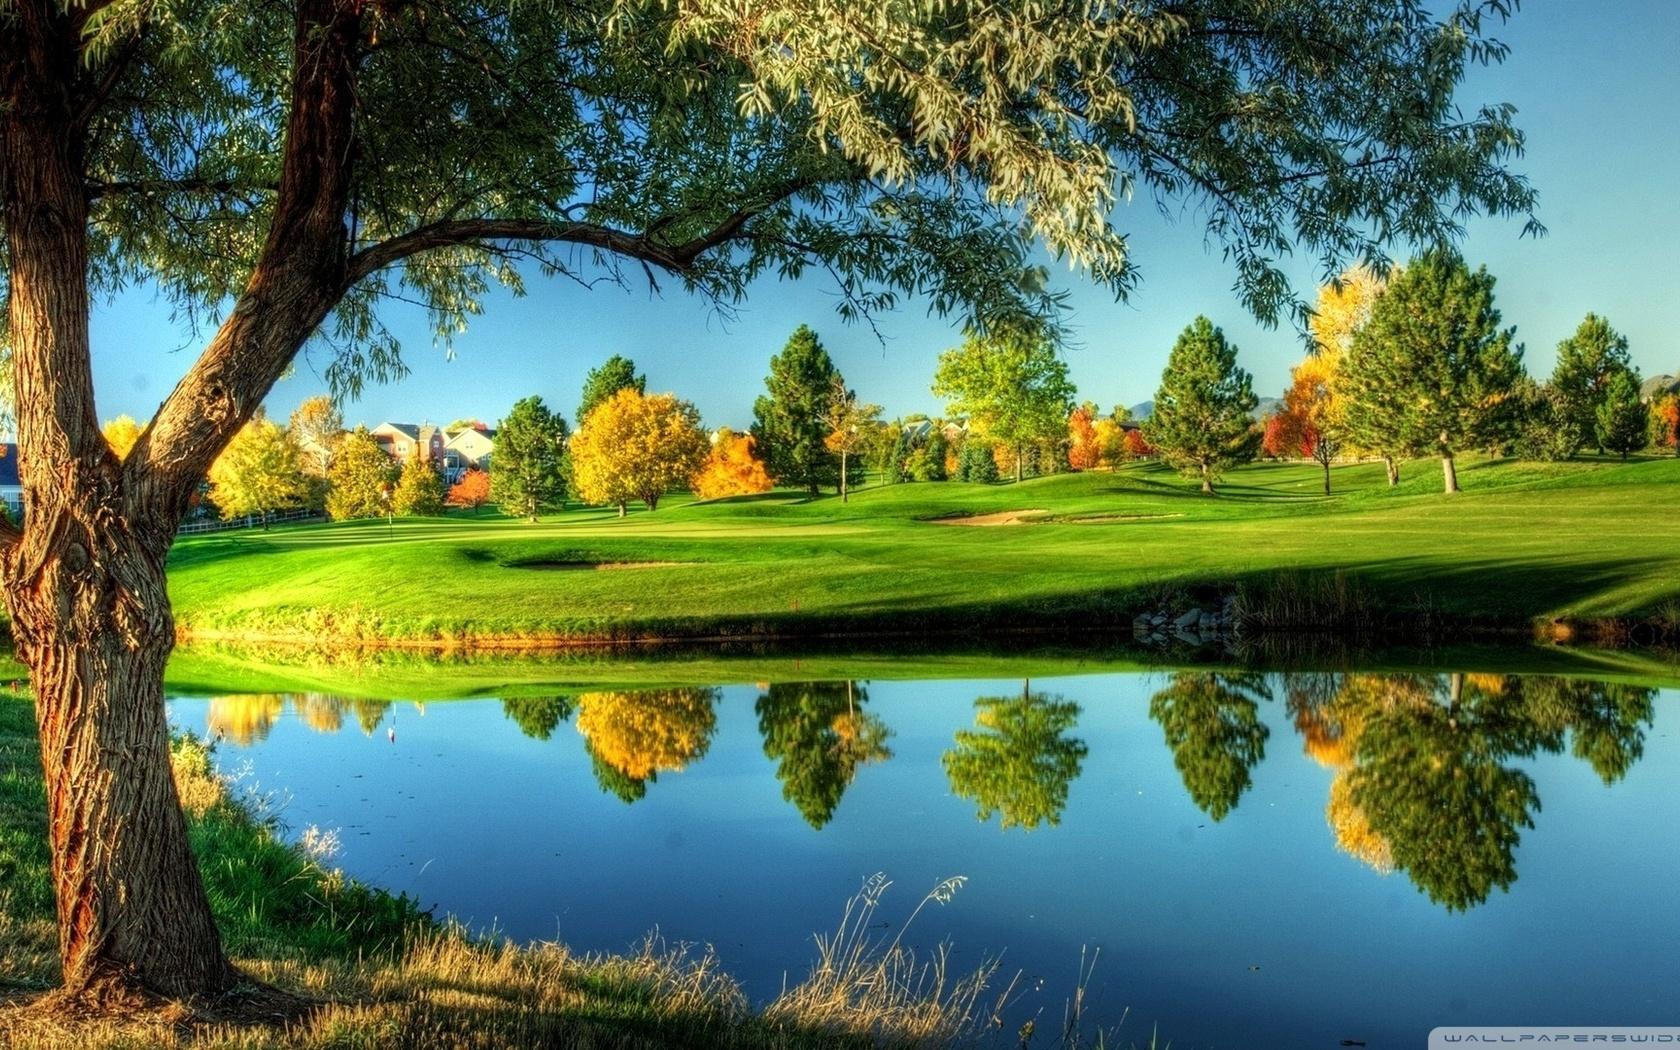 golf course wallpaper 1680x1050 1680x1050